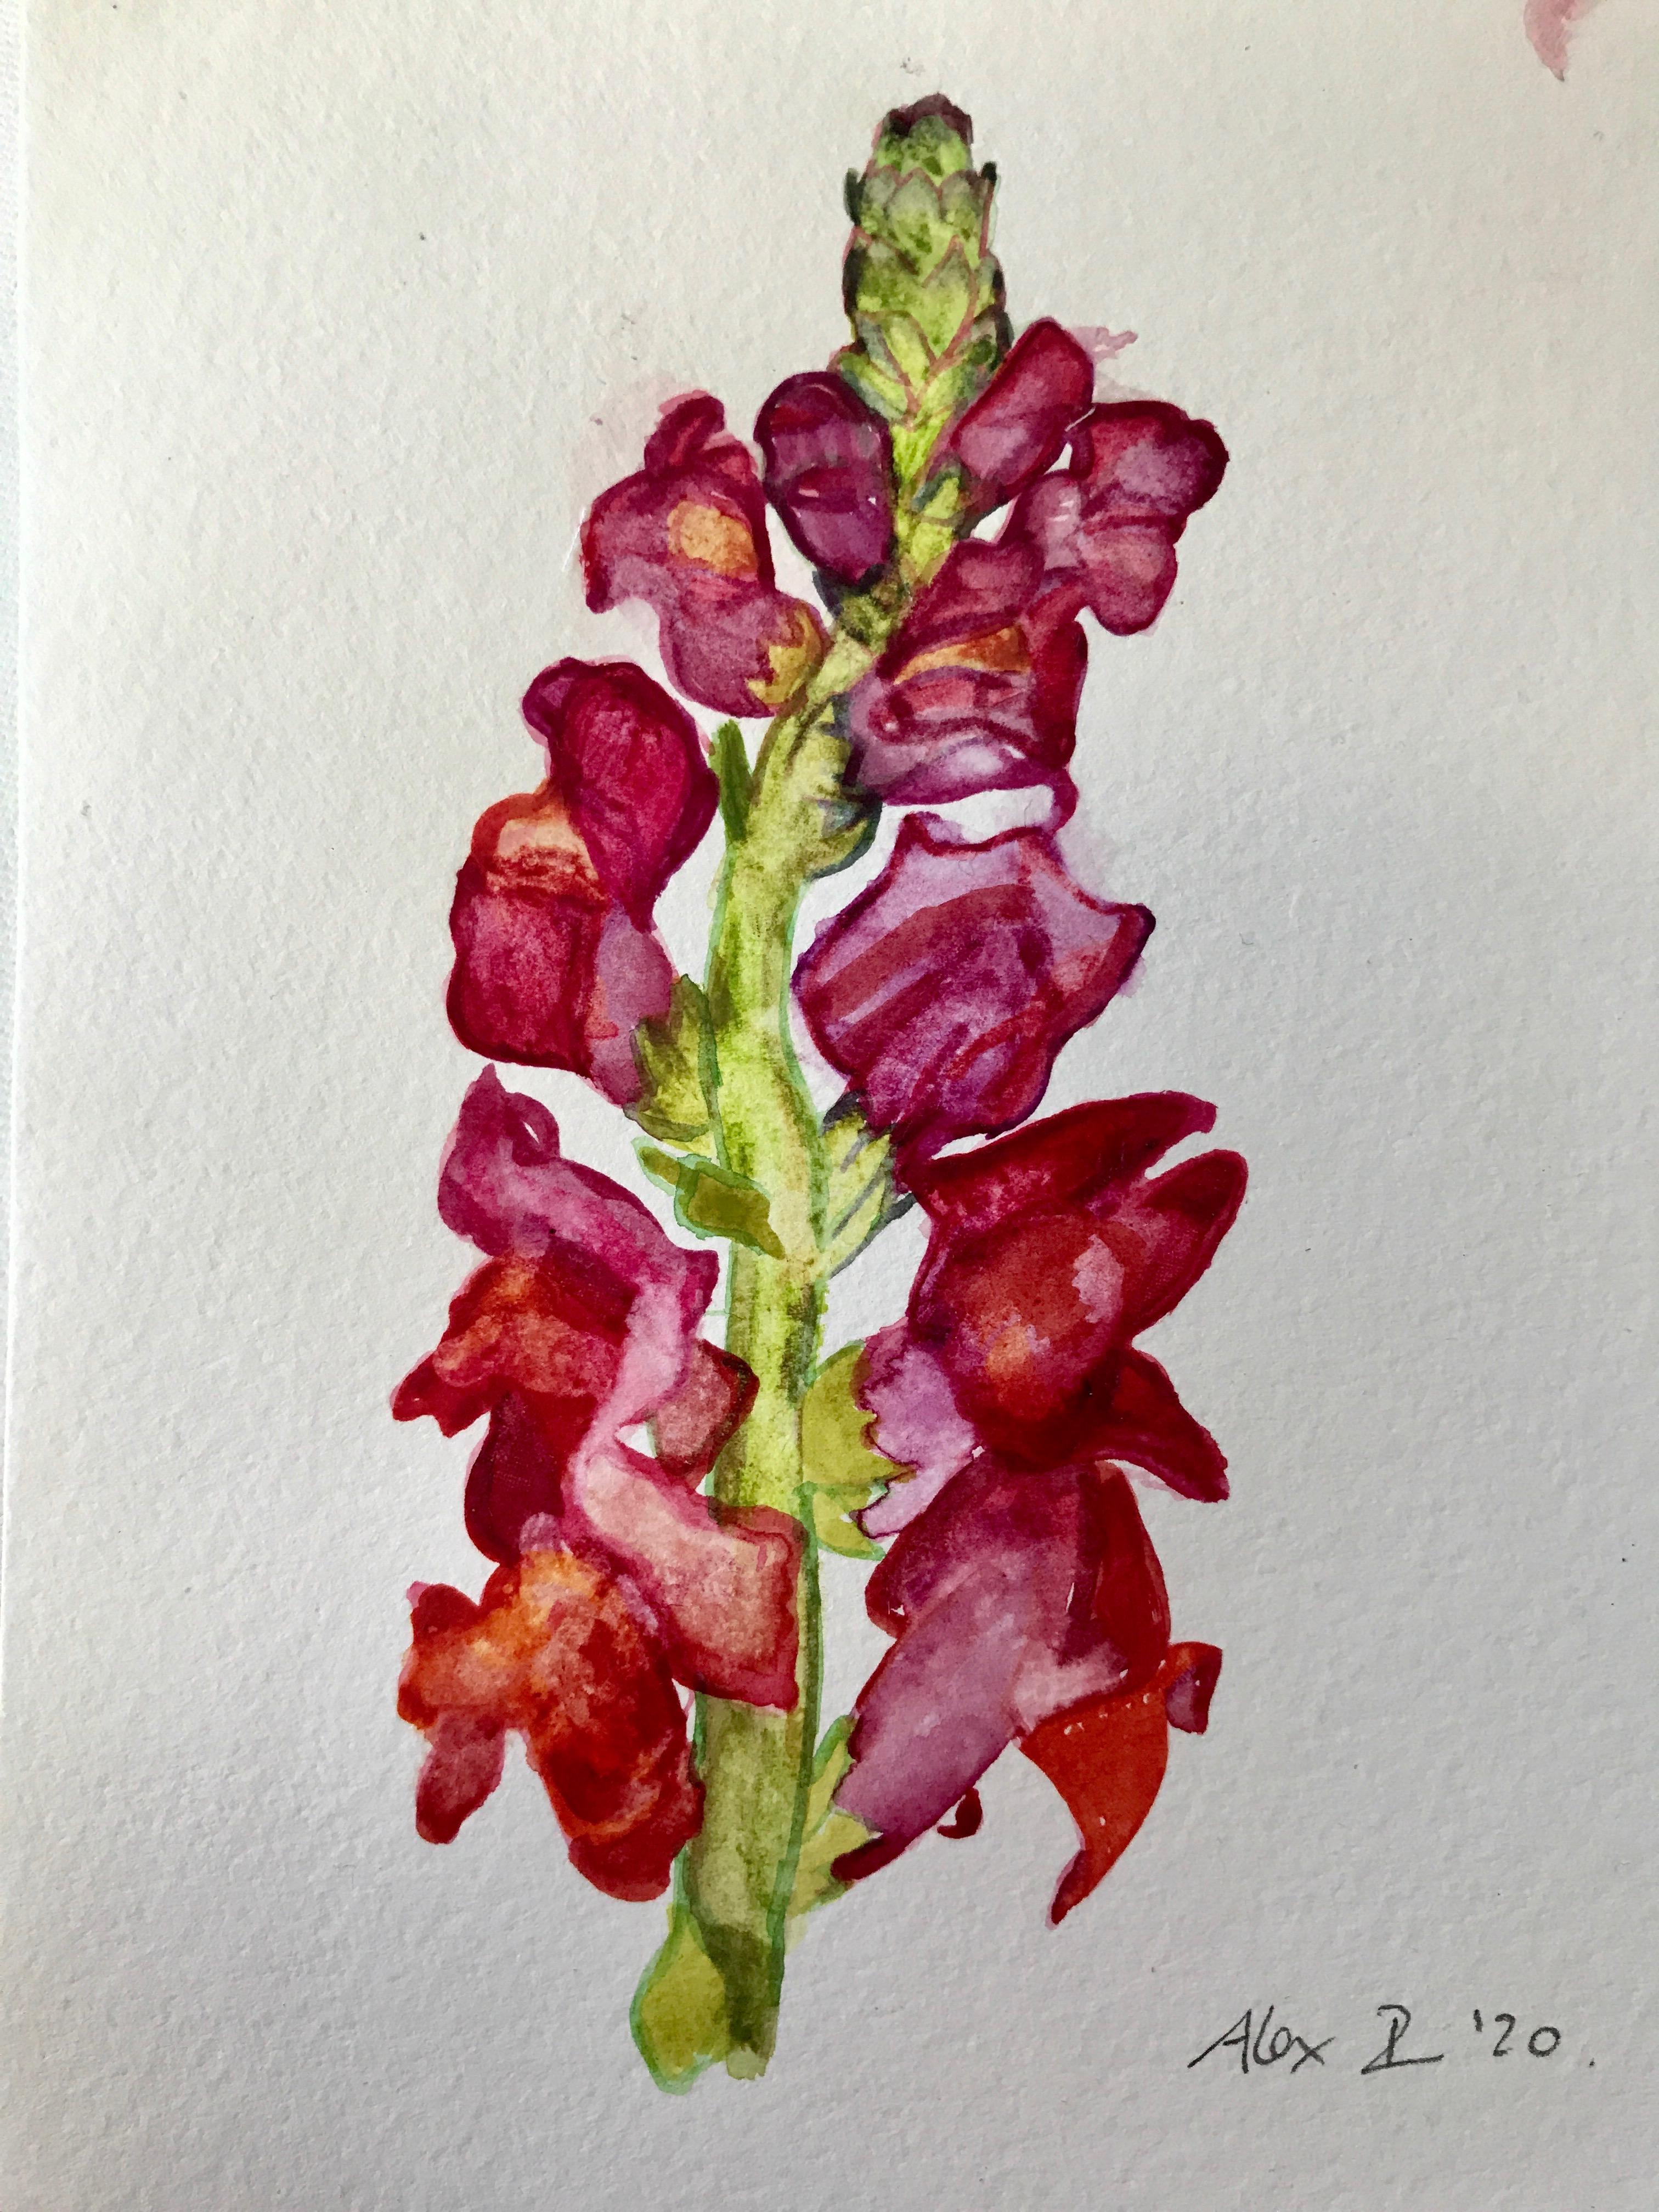 Crimson Flower Stem